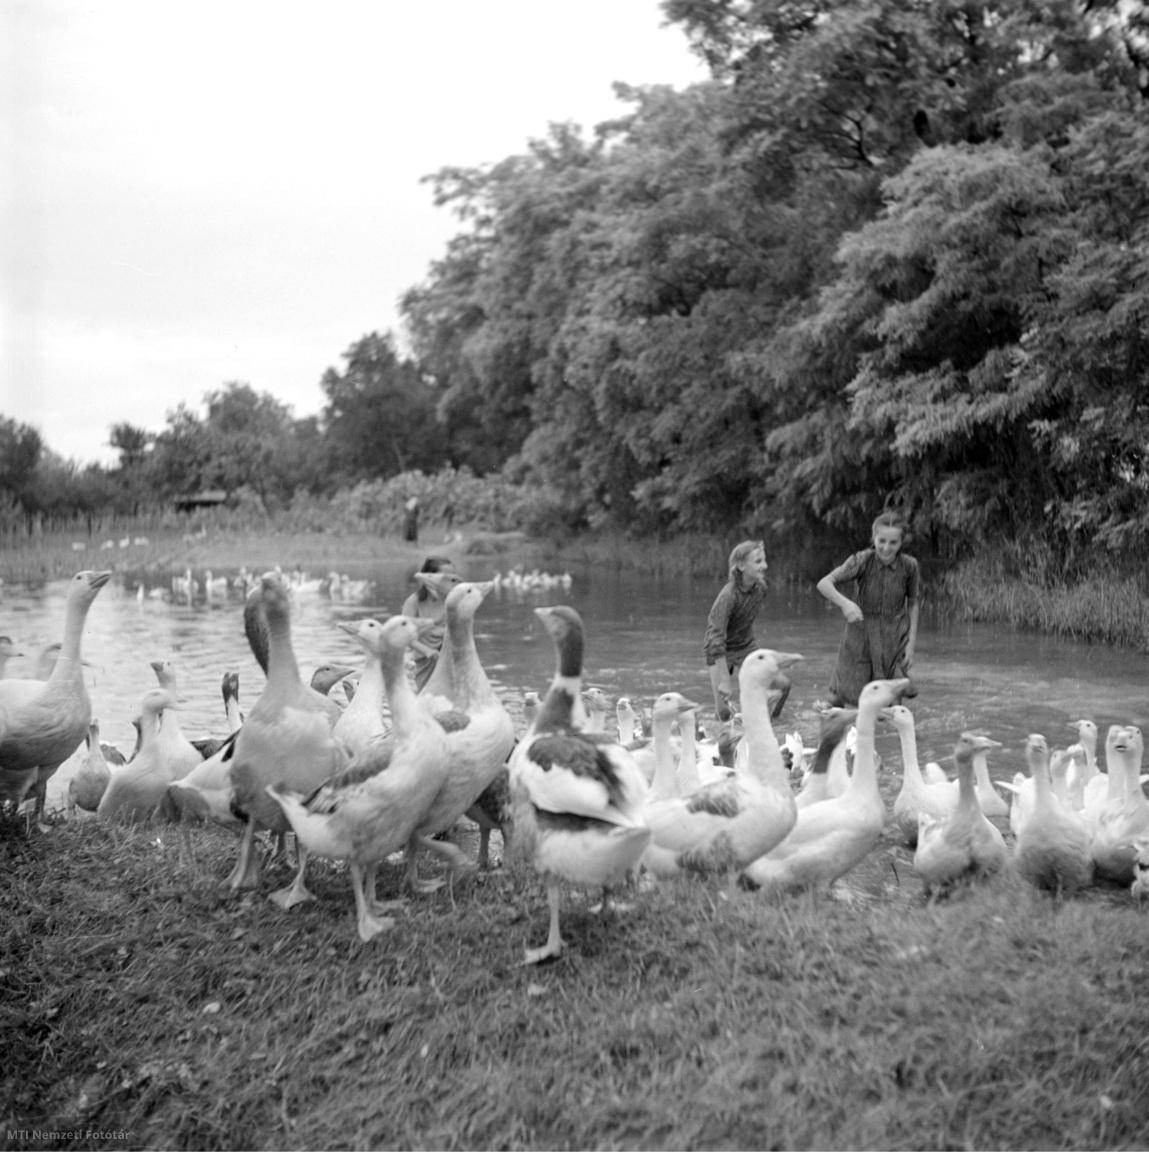 Darnózseli 1954. július 27. Kislányok libákat úsztatnak az árvíz elvonultával még víz alatt álló falu végén.